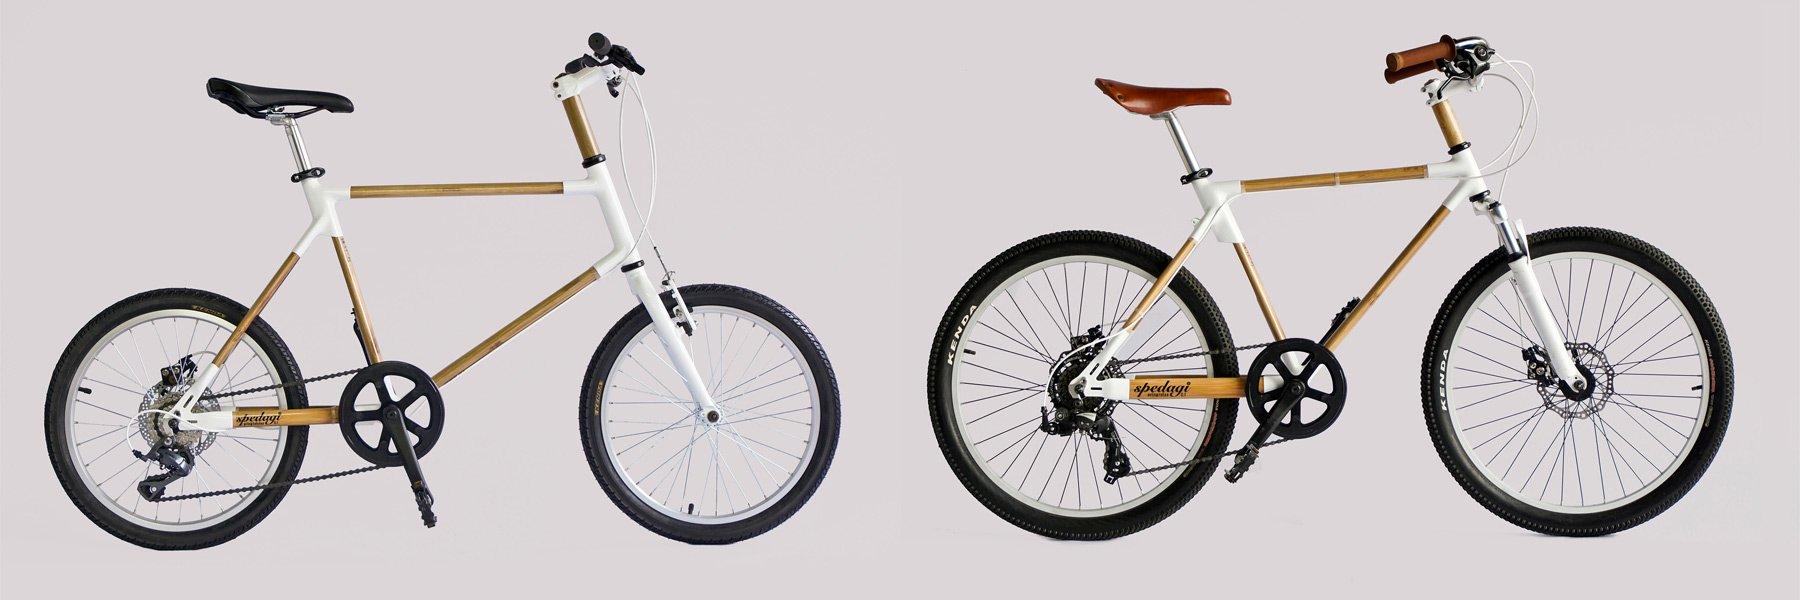 xe đạp tre 5